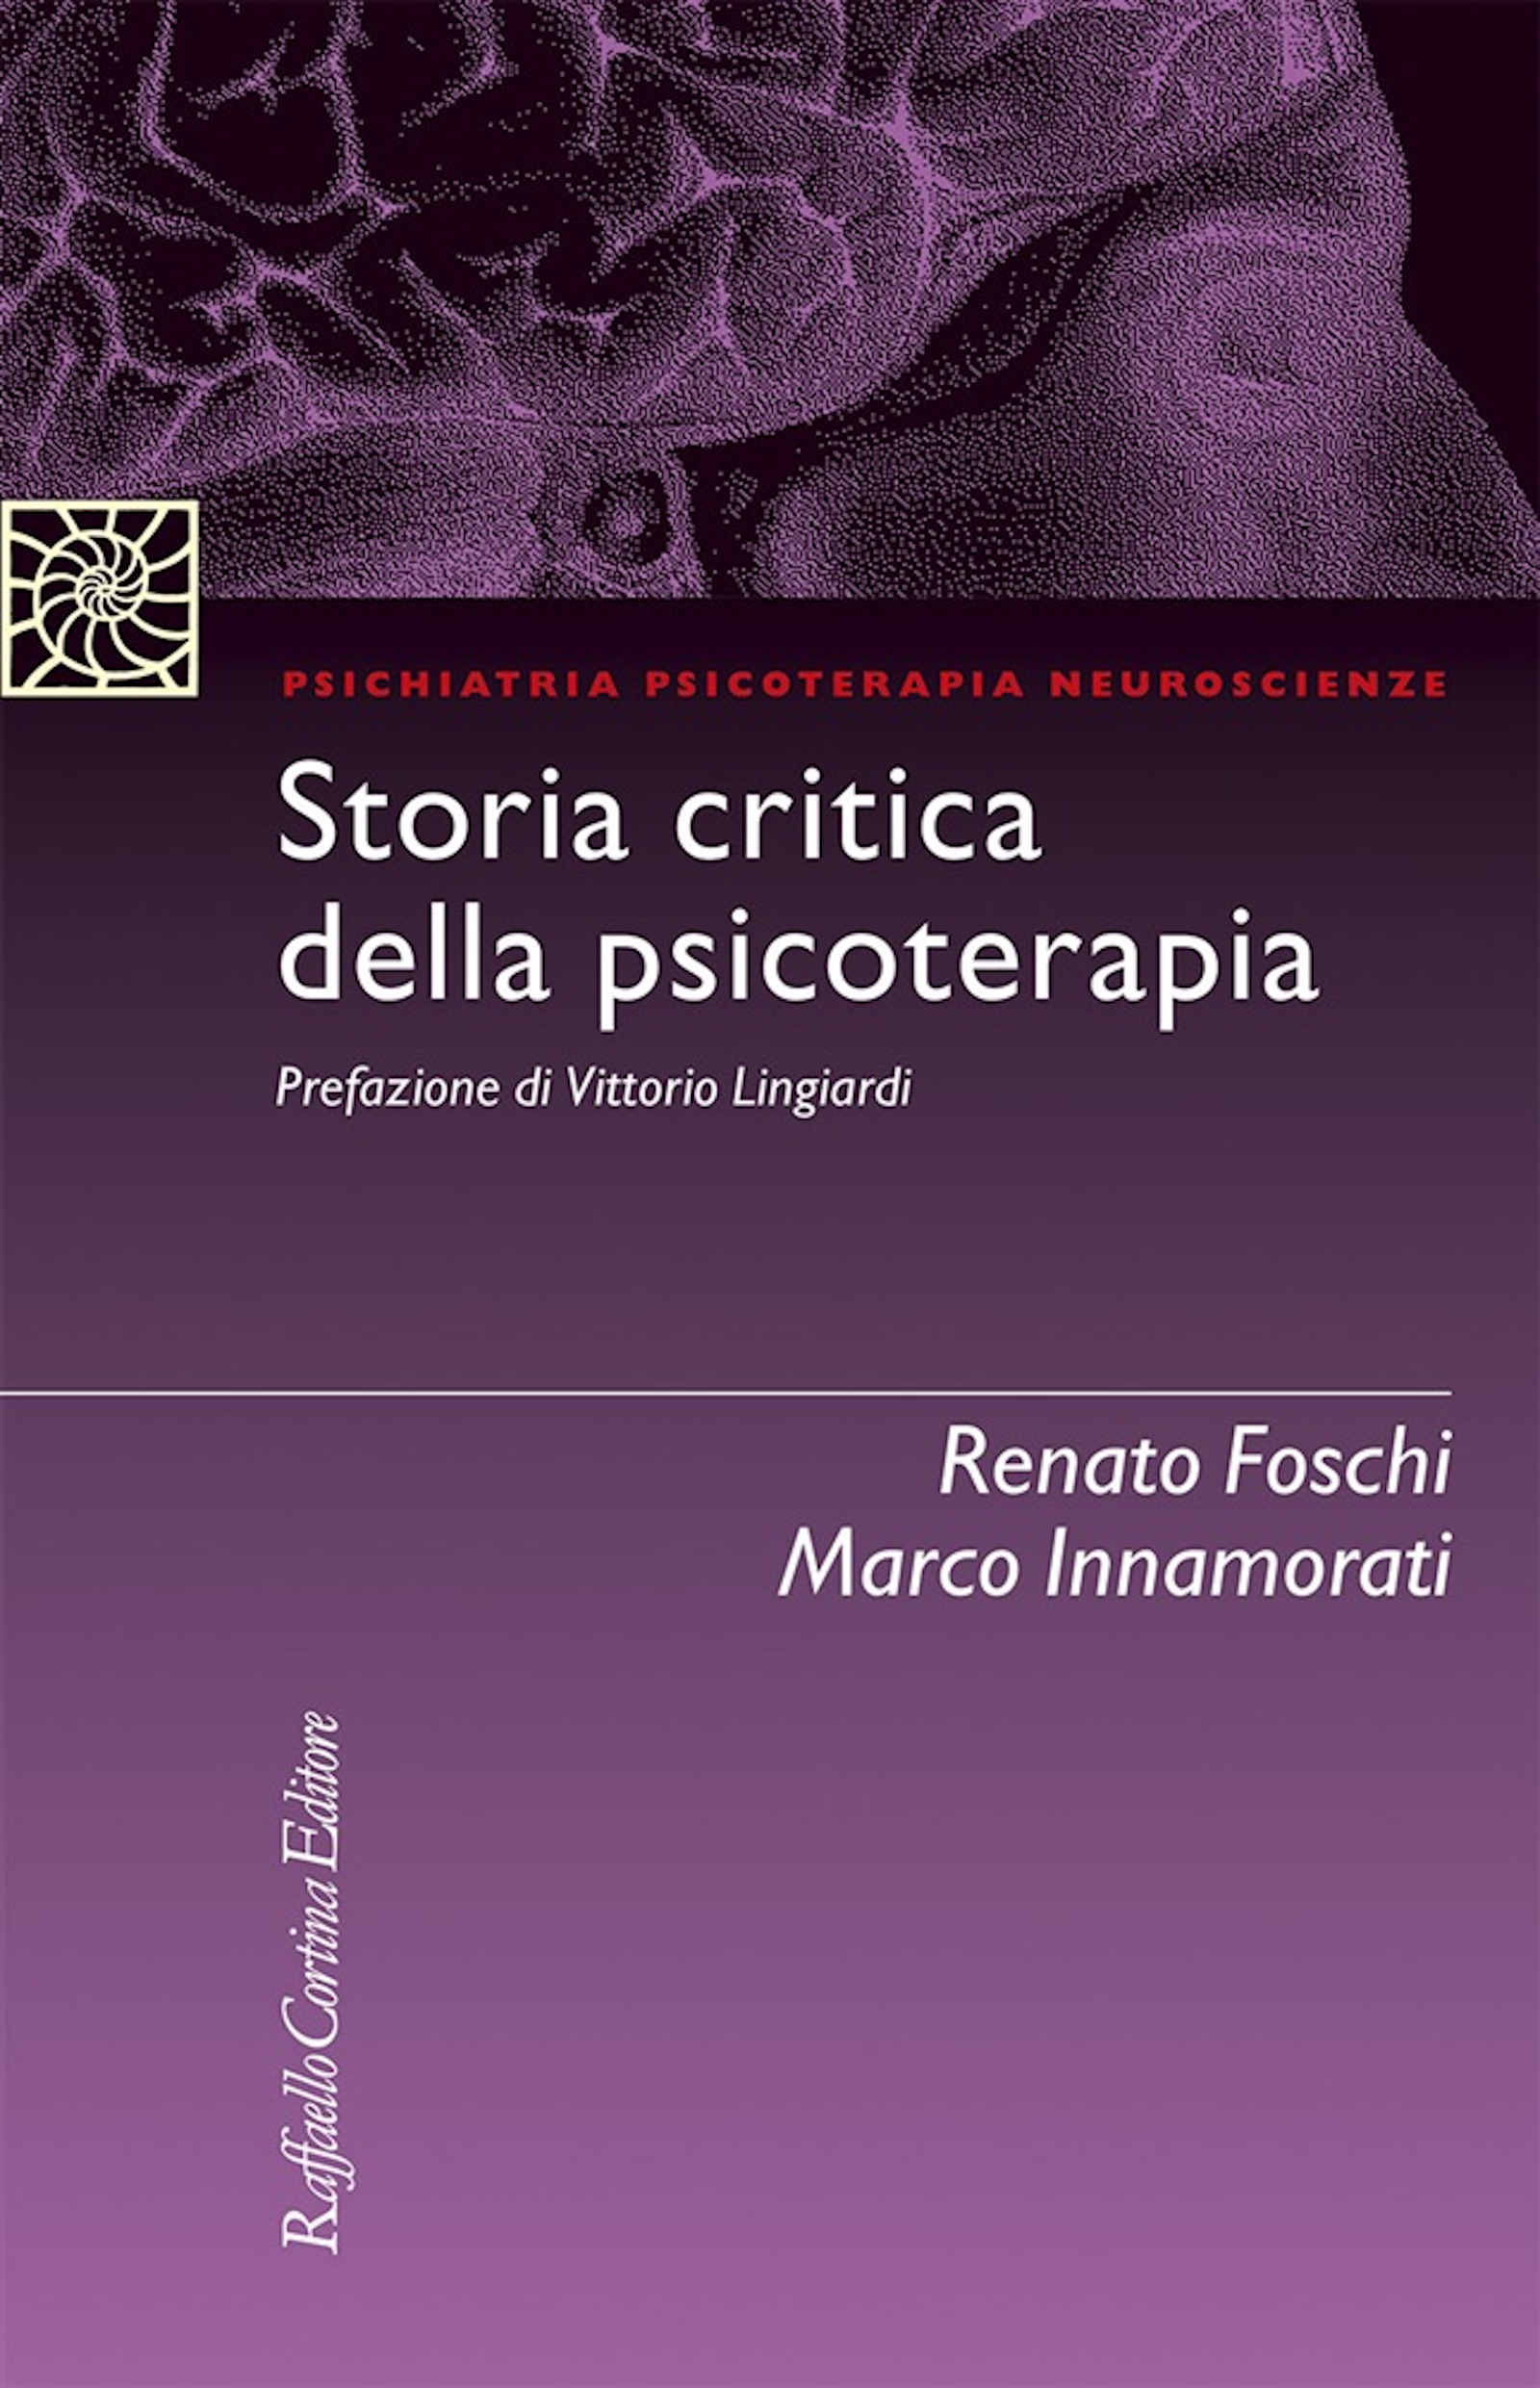 Storia critica della psicoterapia (2020) di Foschi R. & Innamorati M. – Recensione del libro